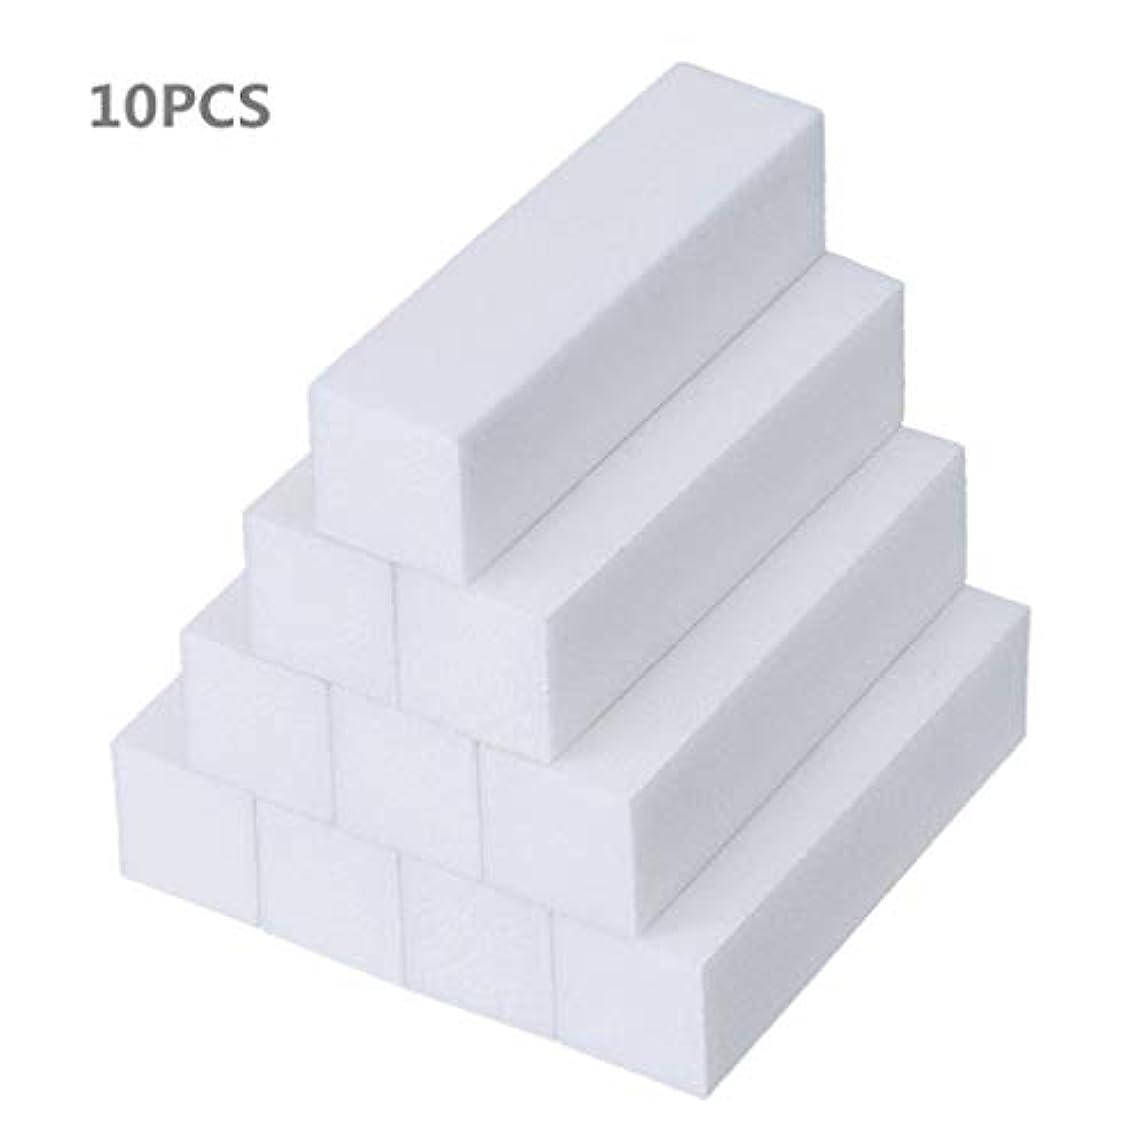 価格定義取り除く女性ホワイトネイルバッファー10パックナチュラルネイルサンディングブロックファイルネイルアートのヒントツールマニキュアペディキュアツール家庭用およびサロン用